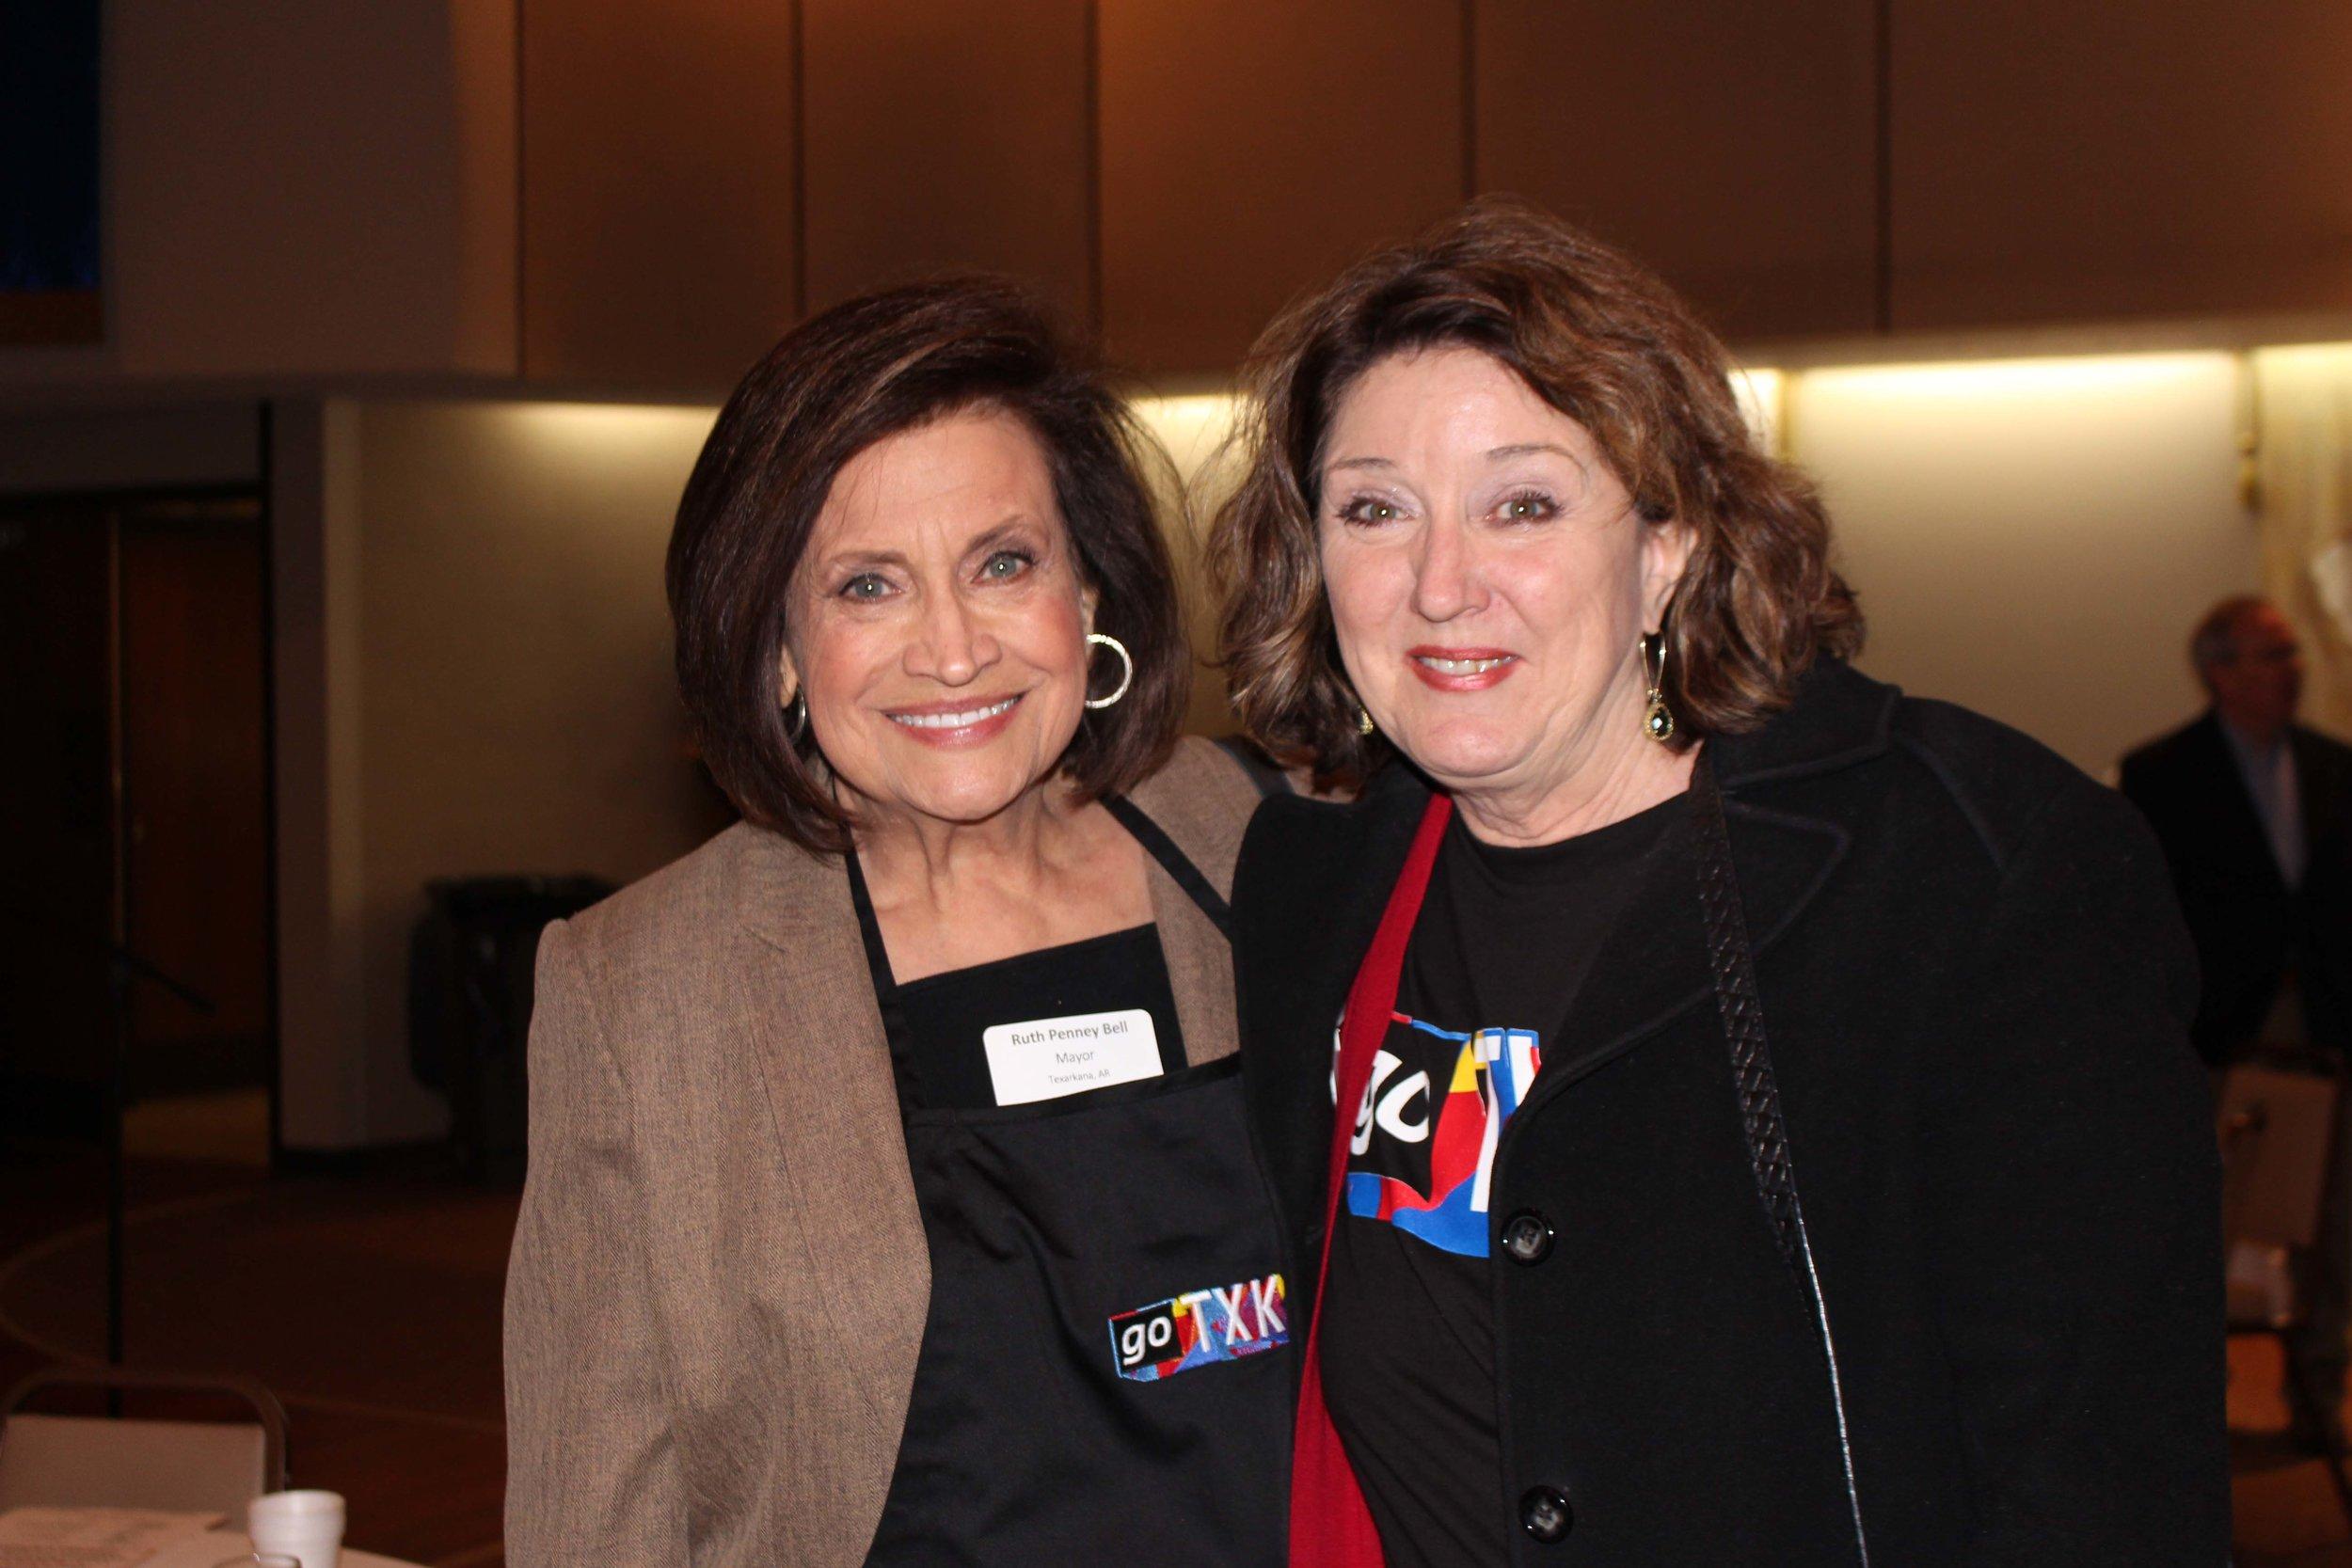 Ruth Penney Bell and Ruth Ellen Whitt